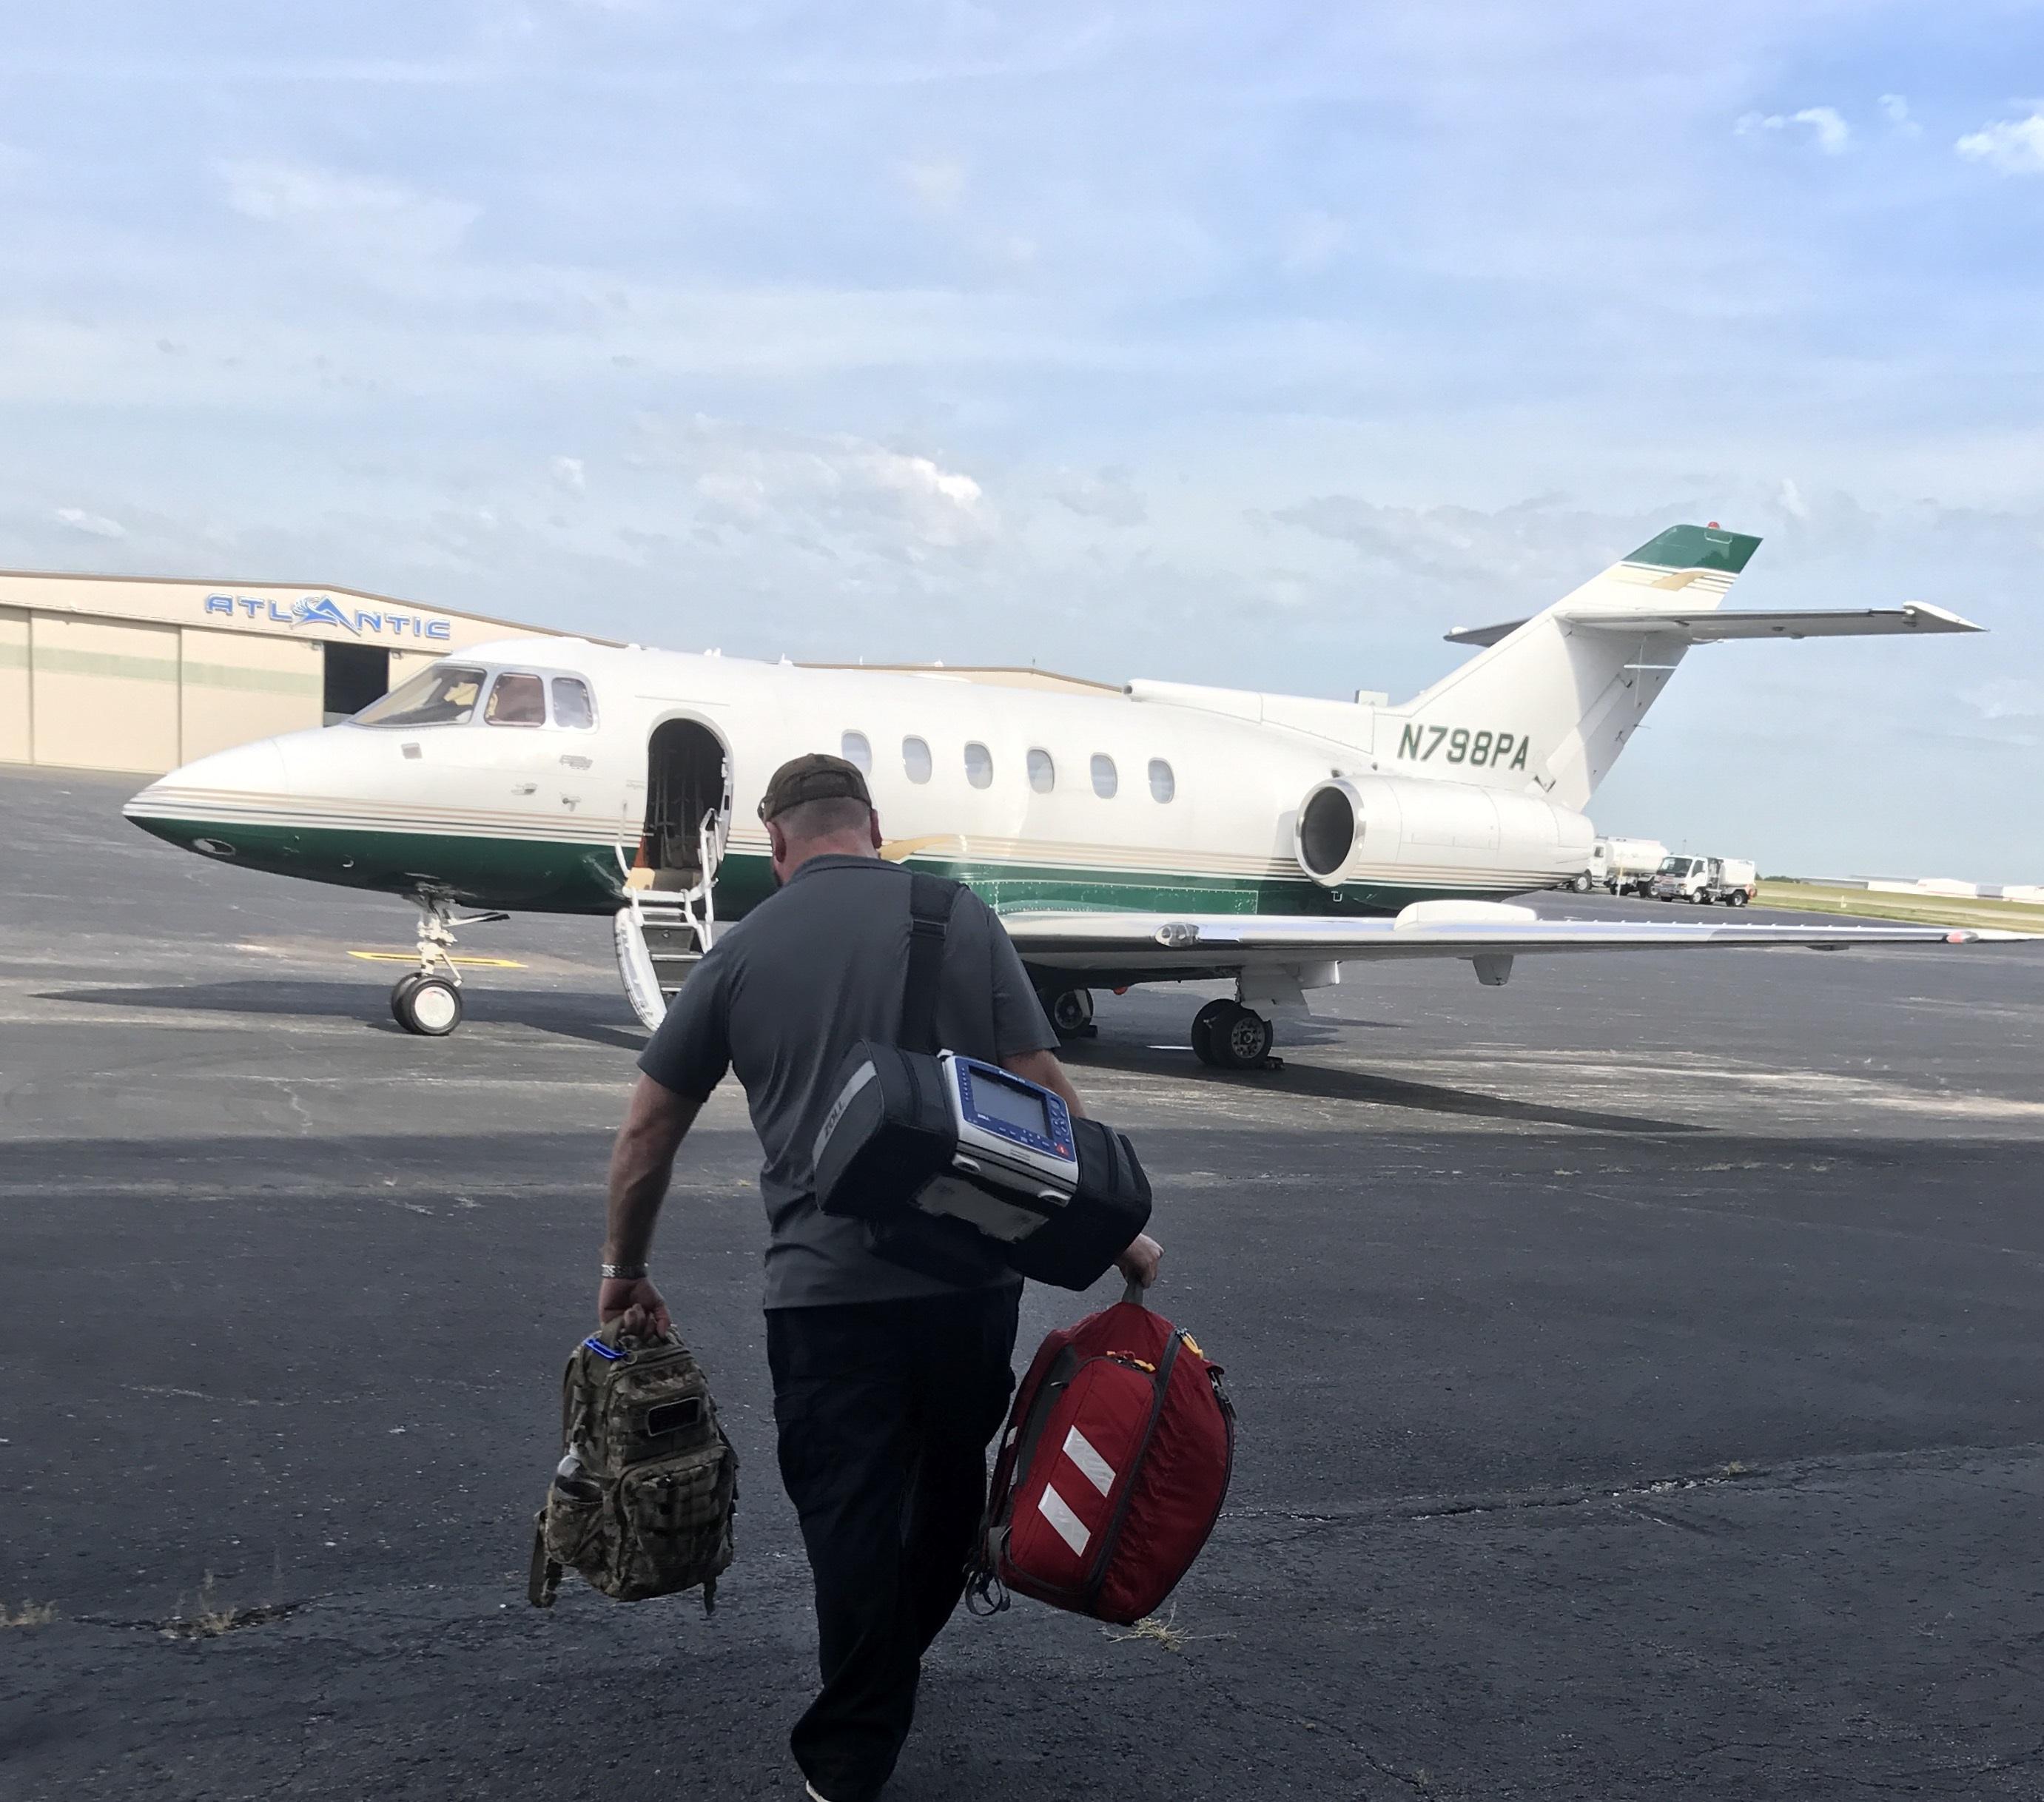 Employment in flight medicine